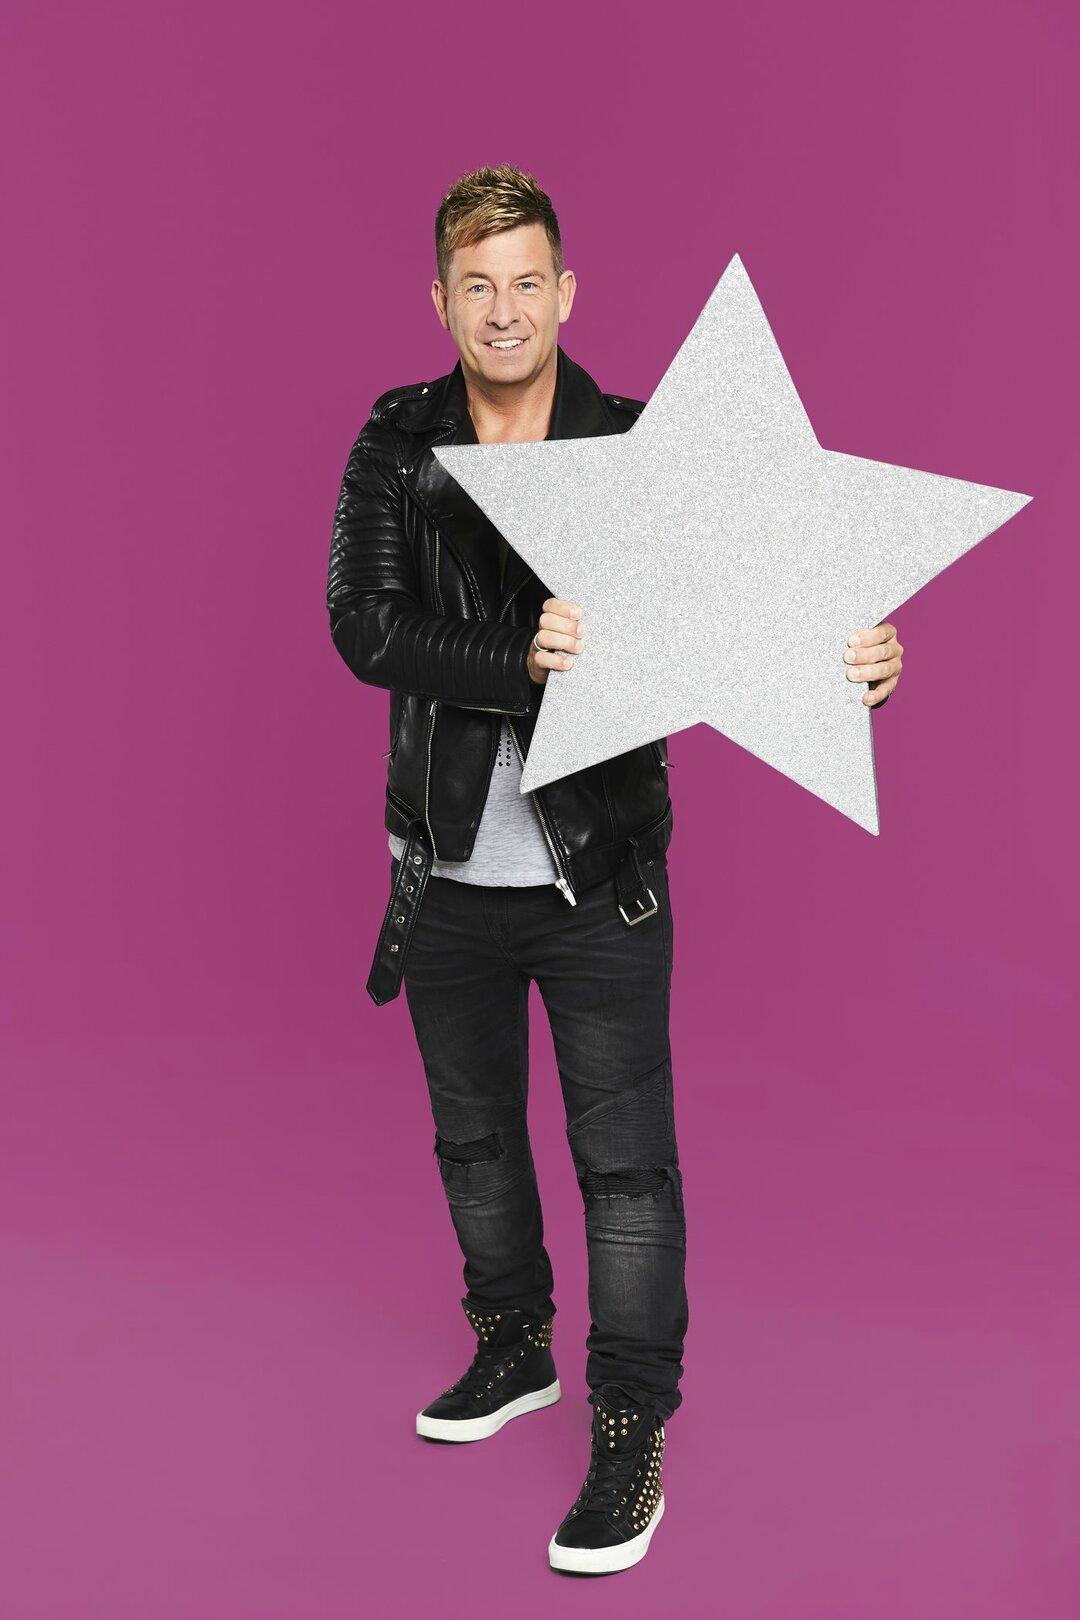 Promi Big Brother: Zlatko aus Staffel 1 zieht heute ein - Bild 2 von 2